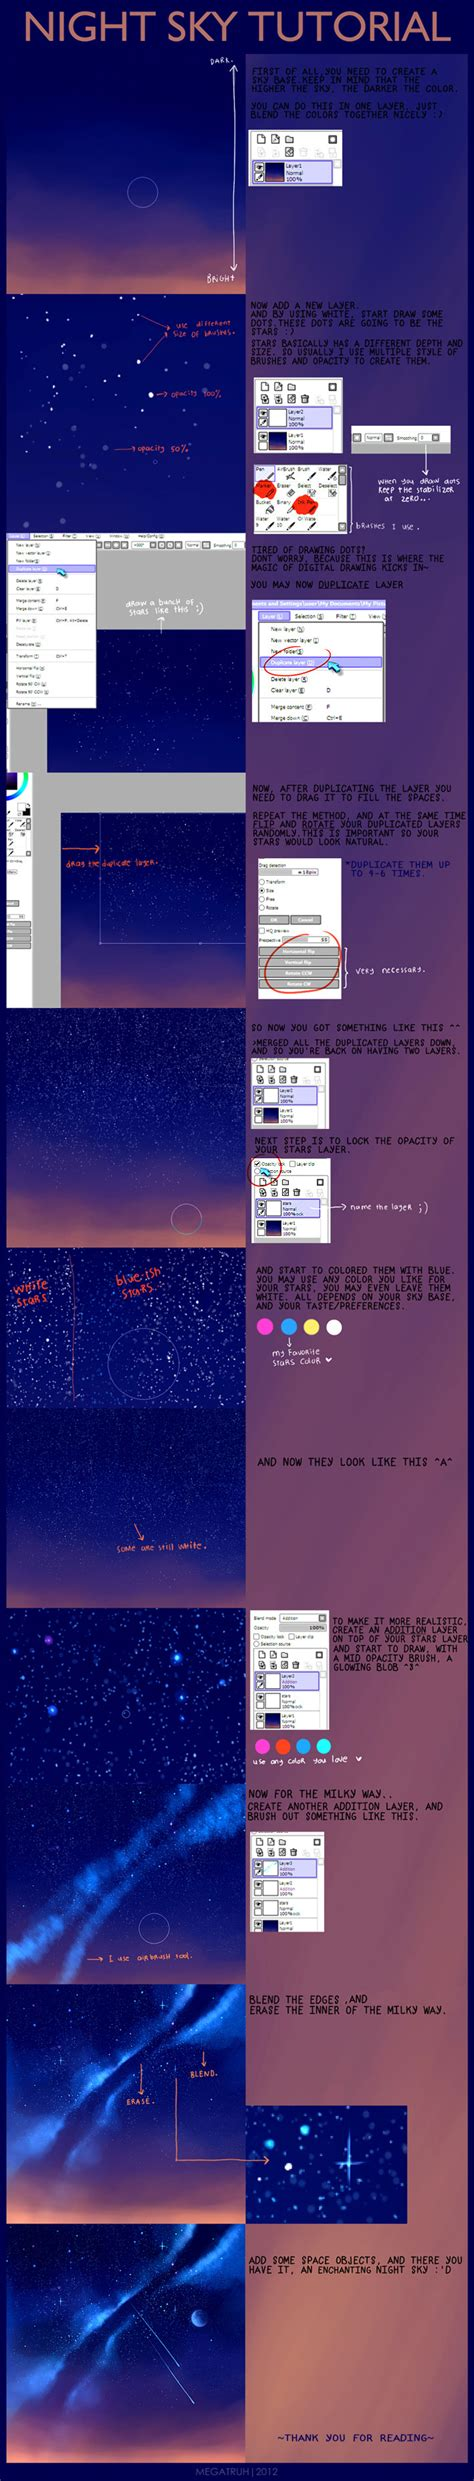 tutorial video digital night sky tutorial by megatruh on deviantart